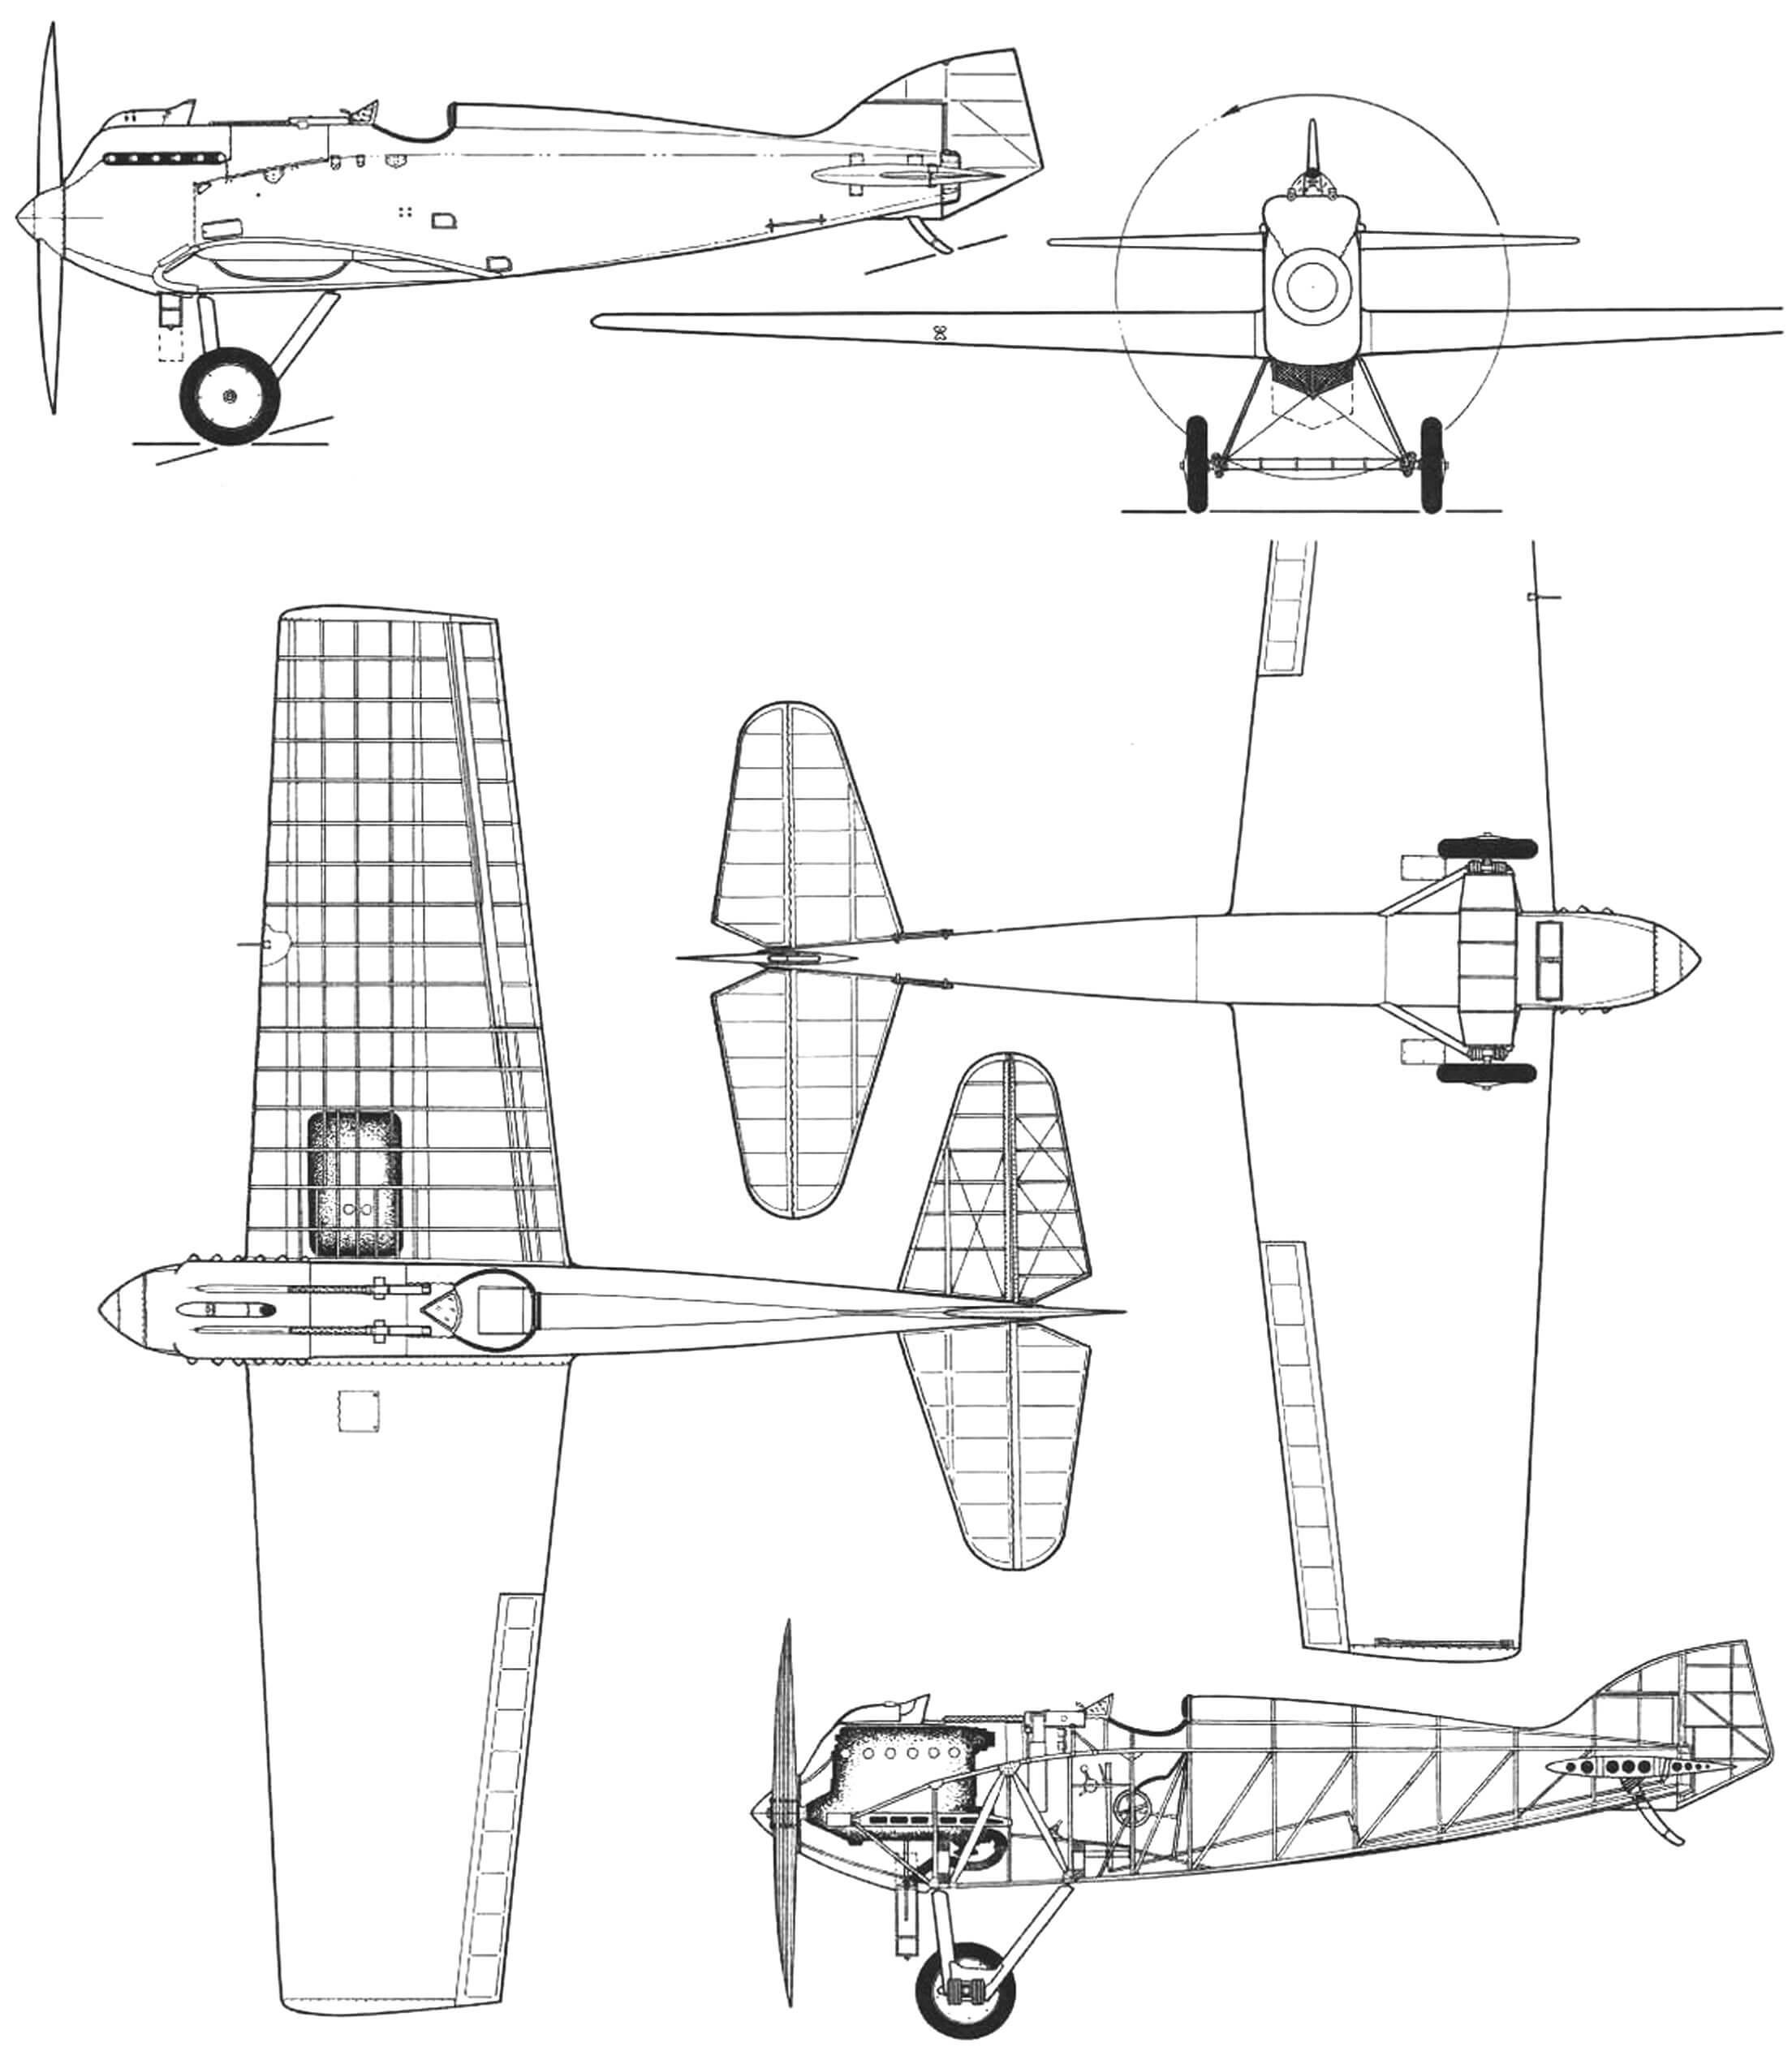 Третий опытный экземпляр ИЛ-400 назвали ИЛ-3. В серии обозначение И-1